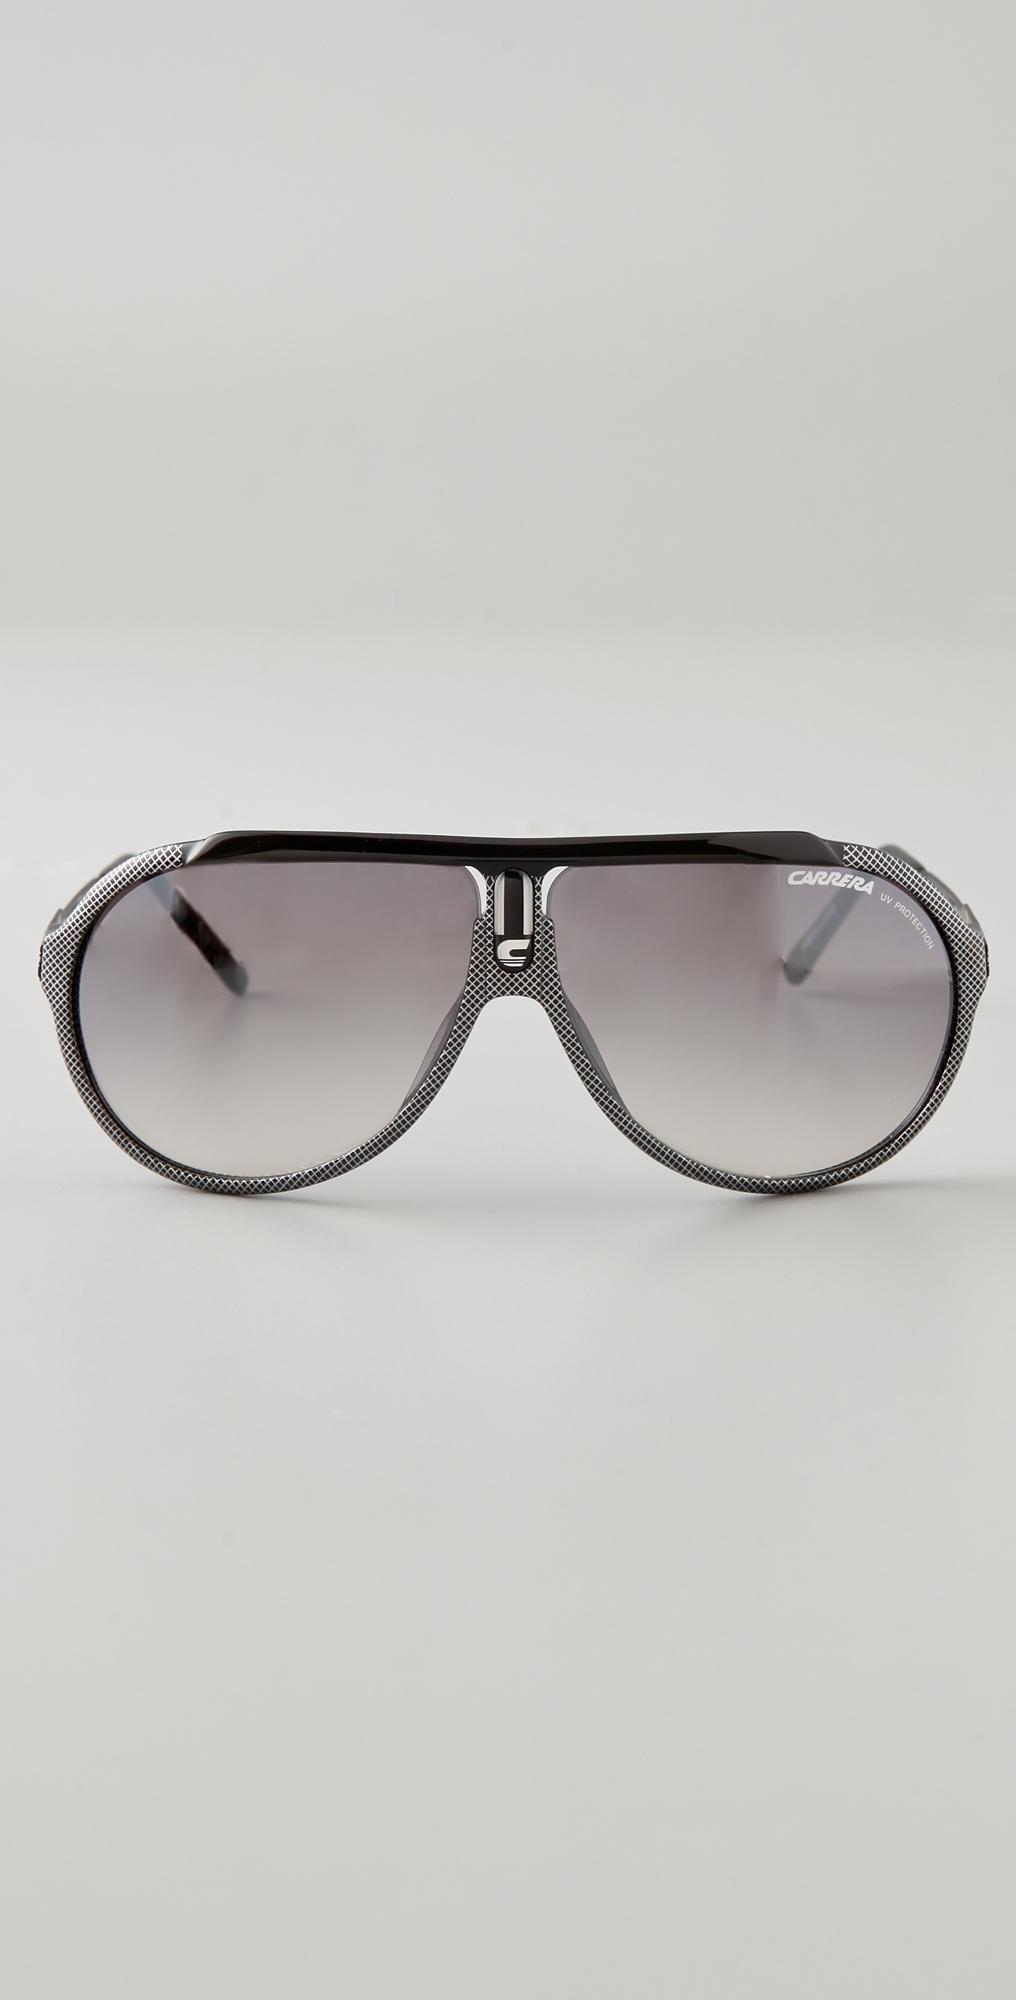 358d06a6a1 Carrera Endurance Sunglasses